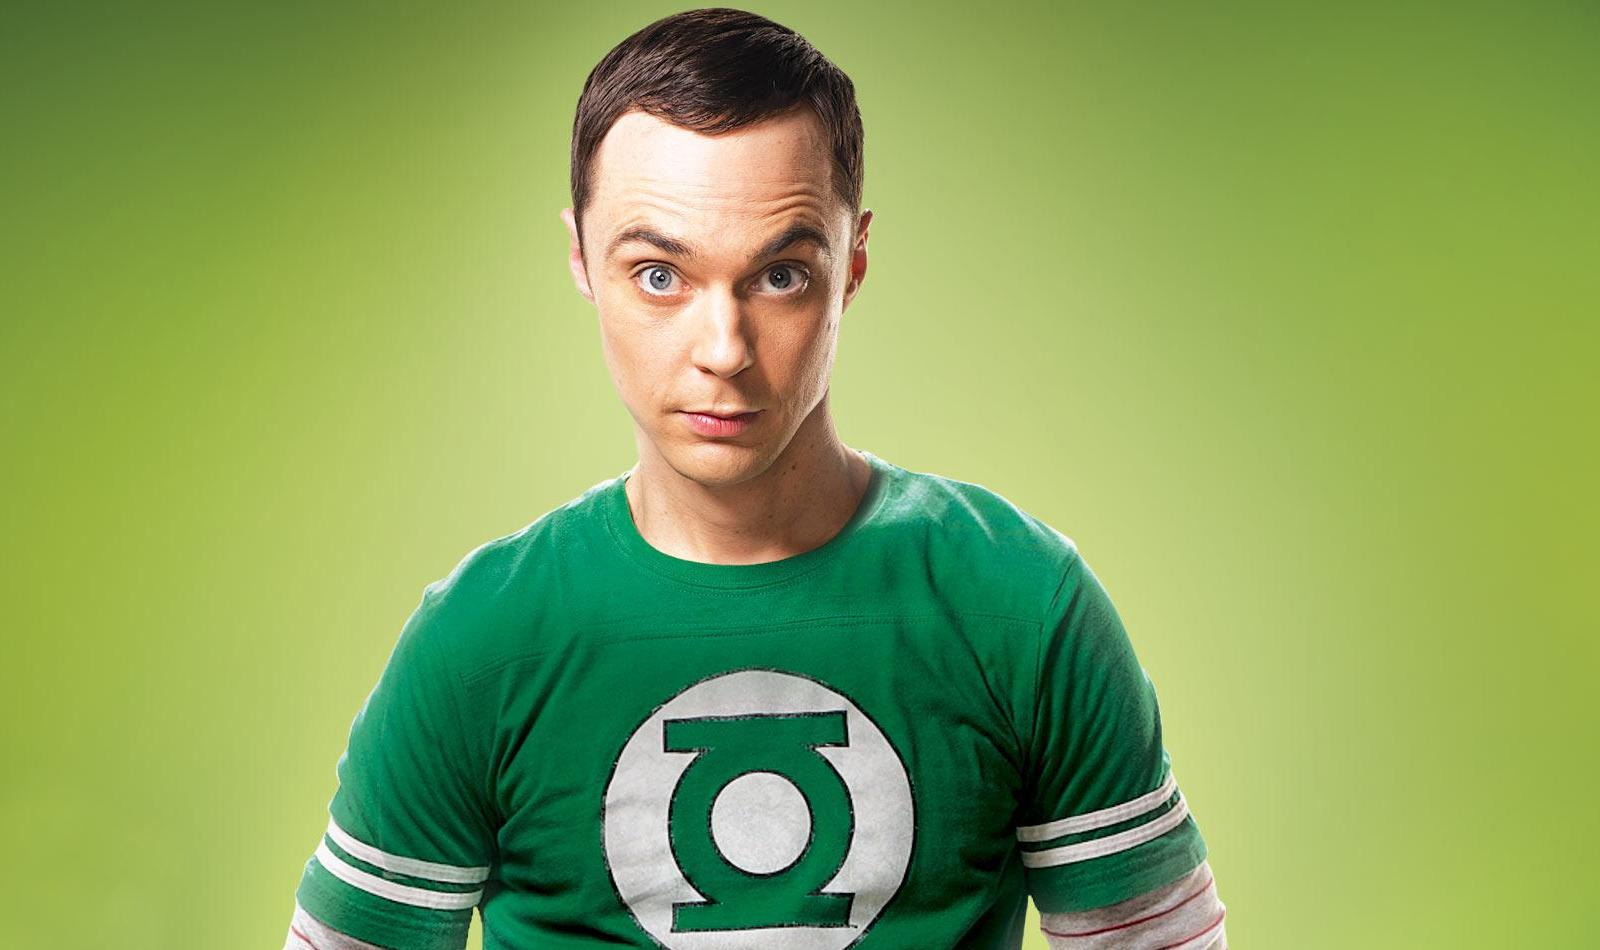 The Big Bang Theory Sheldon